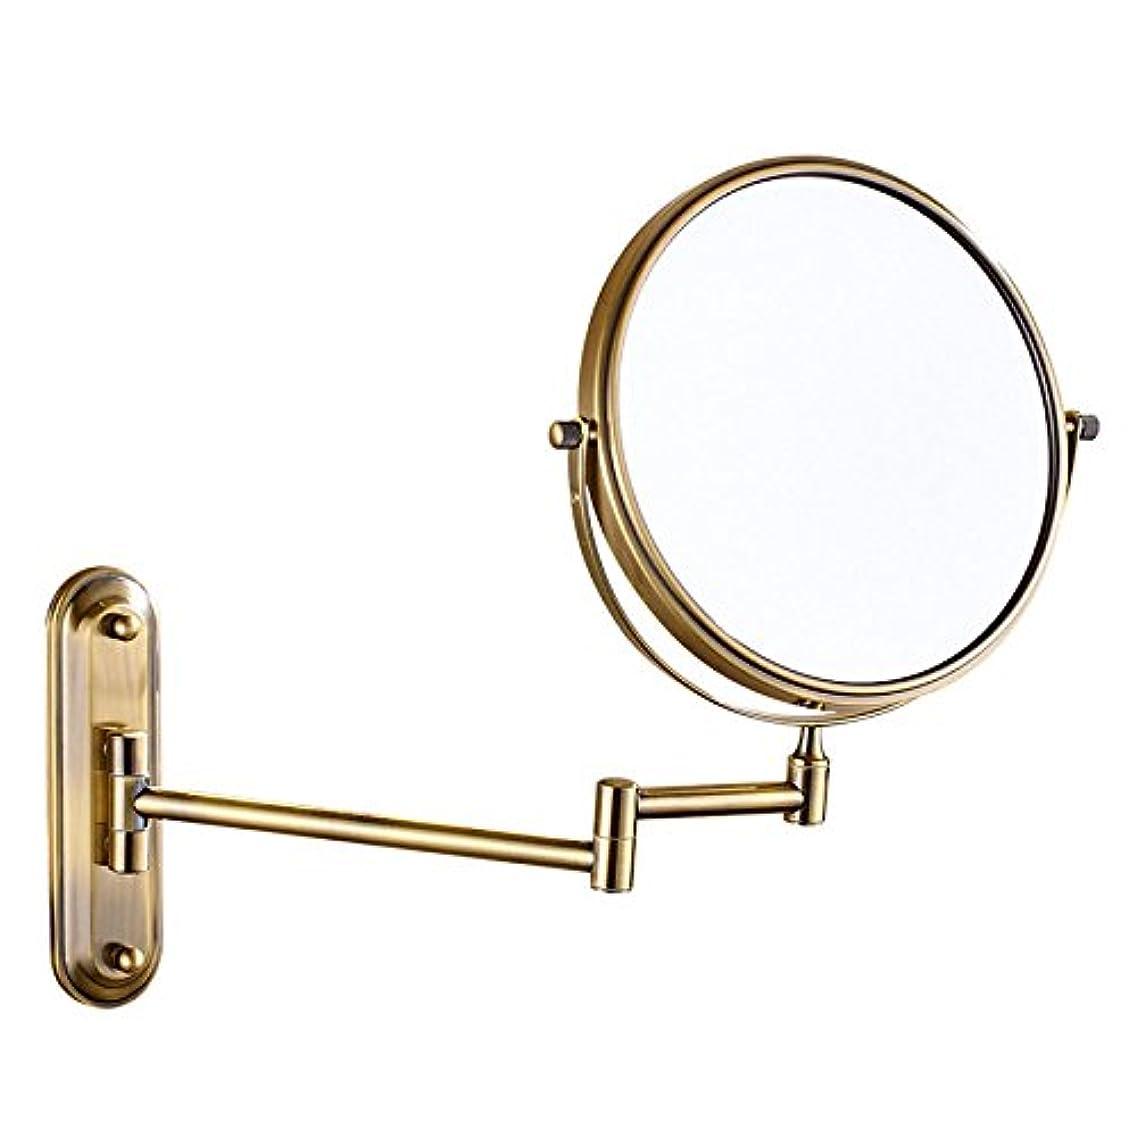 消える相続人生き残りバスルーム、シェービングミラー、回転ミラー、バスルーム、メイクアップミラー、折りたたみ、クリエイティブ、化粧品ミラー、双方向ミラー、拡大鏡、,Gold-6